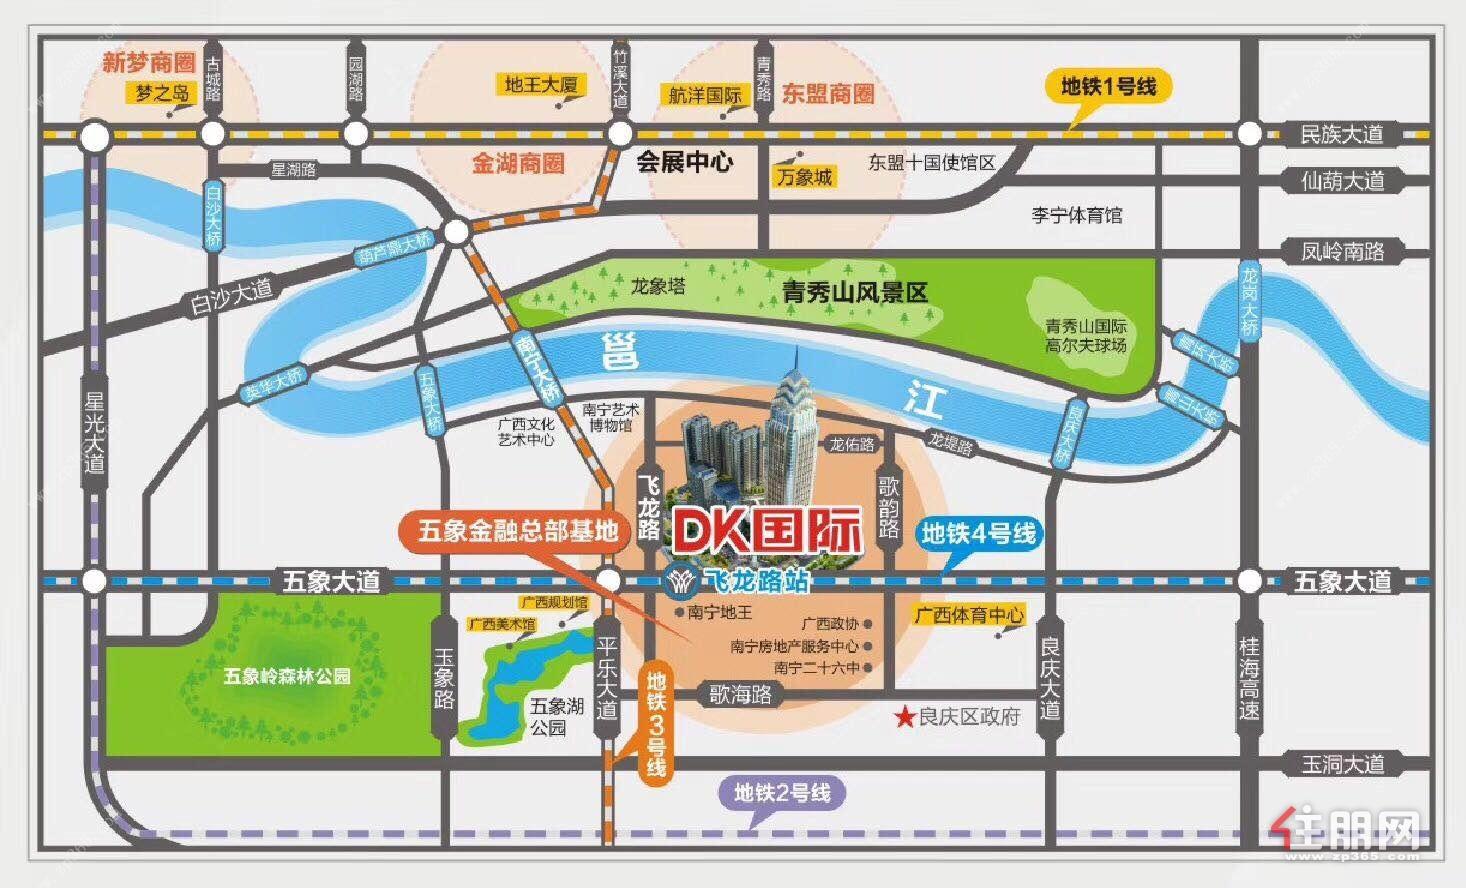 http://www.rhwub.club/fangchanshichang/1593035.html